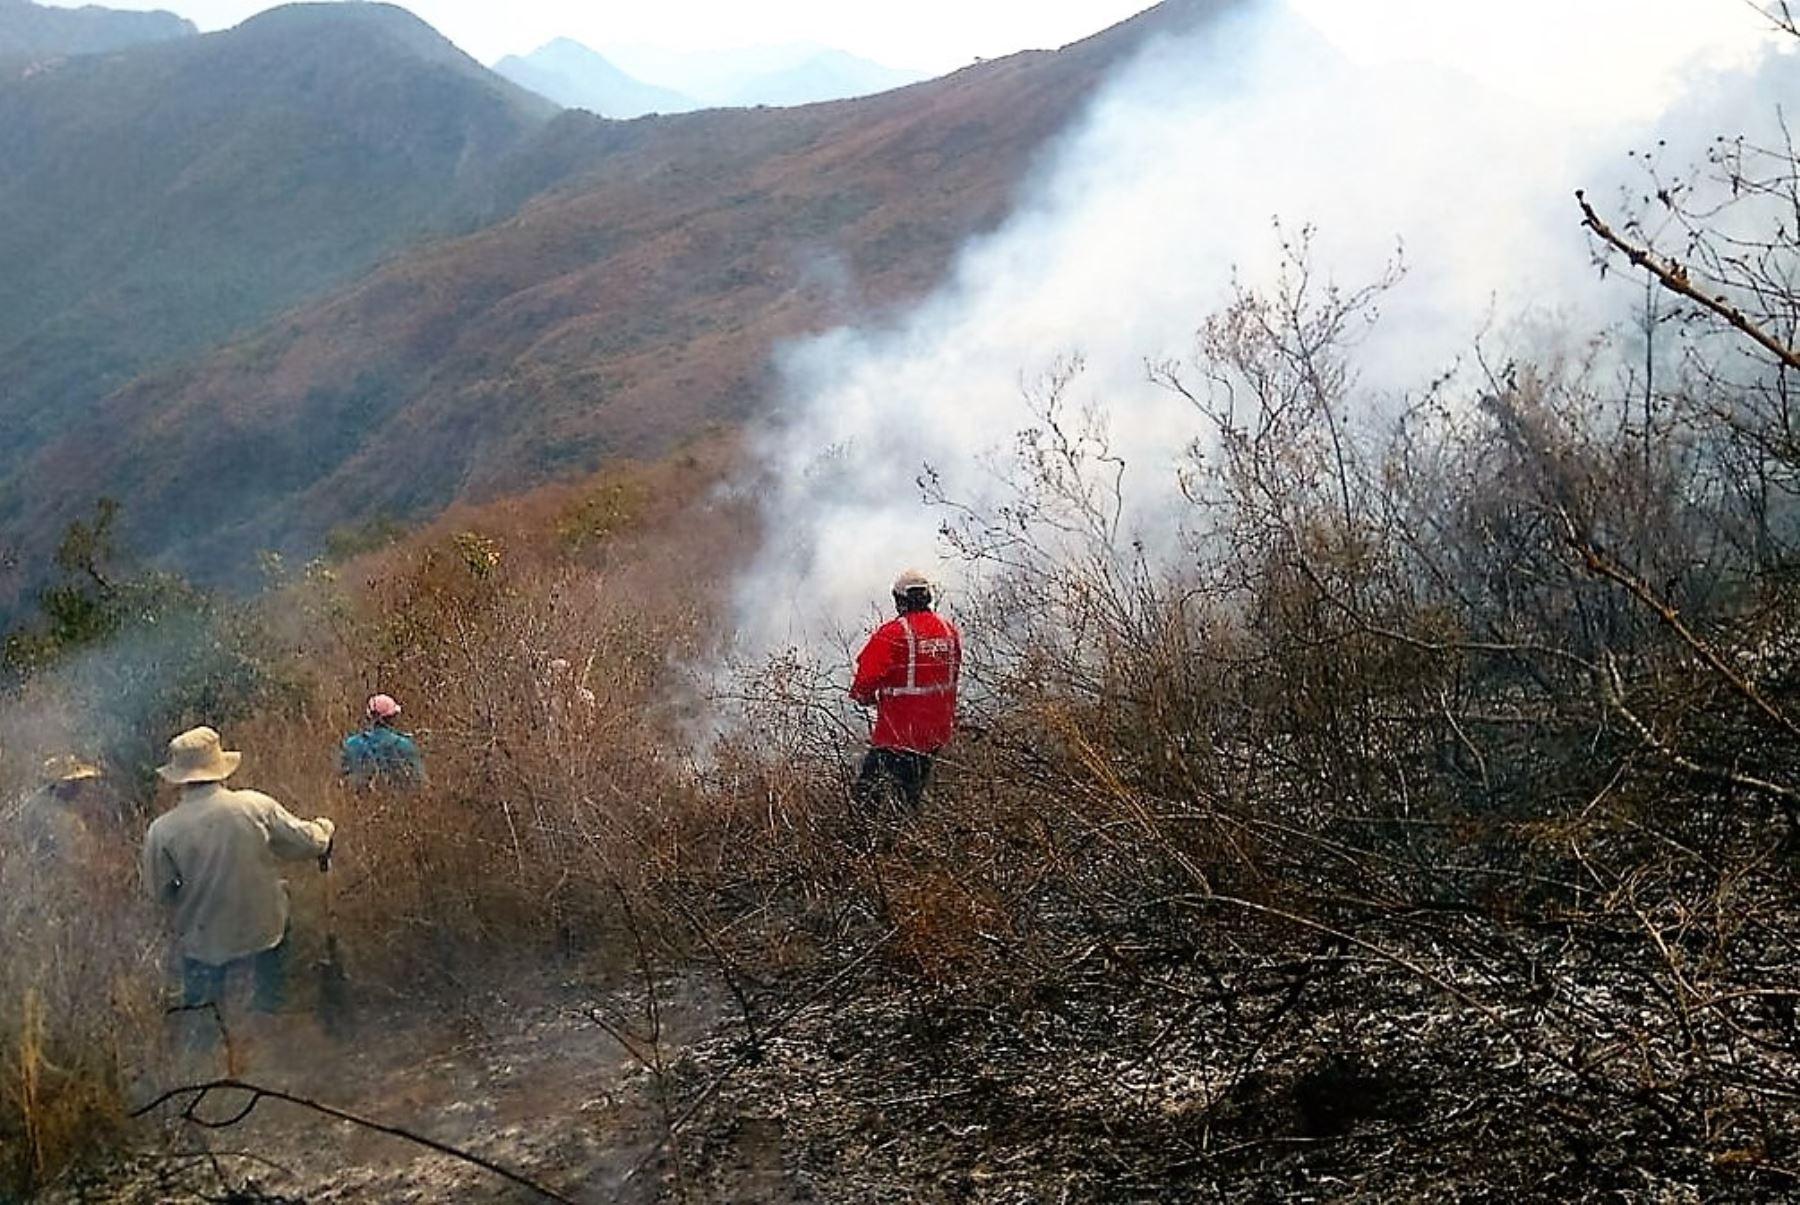 Incendios forestales amenazan biodiversidad en zona de Chaparrí . INTERNET/Medios